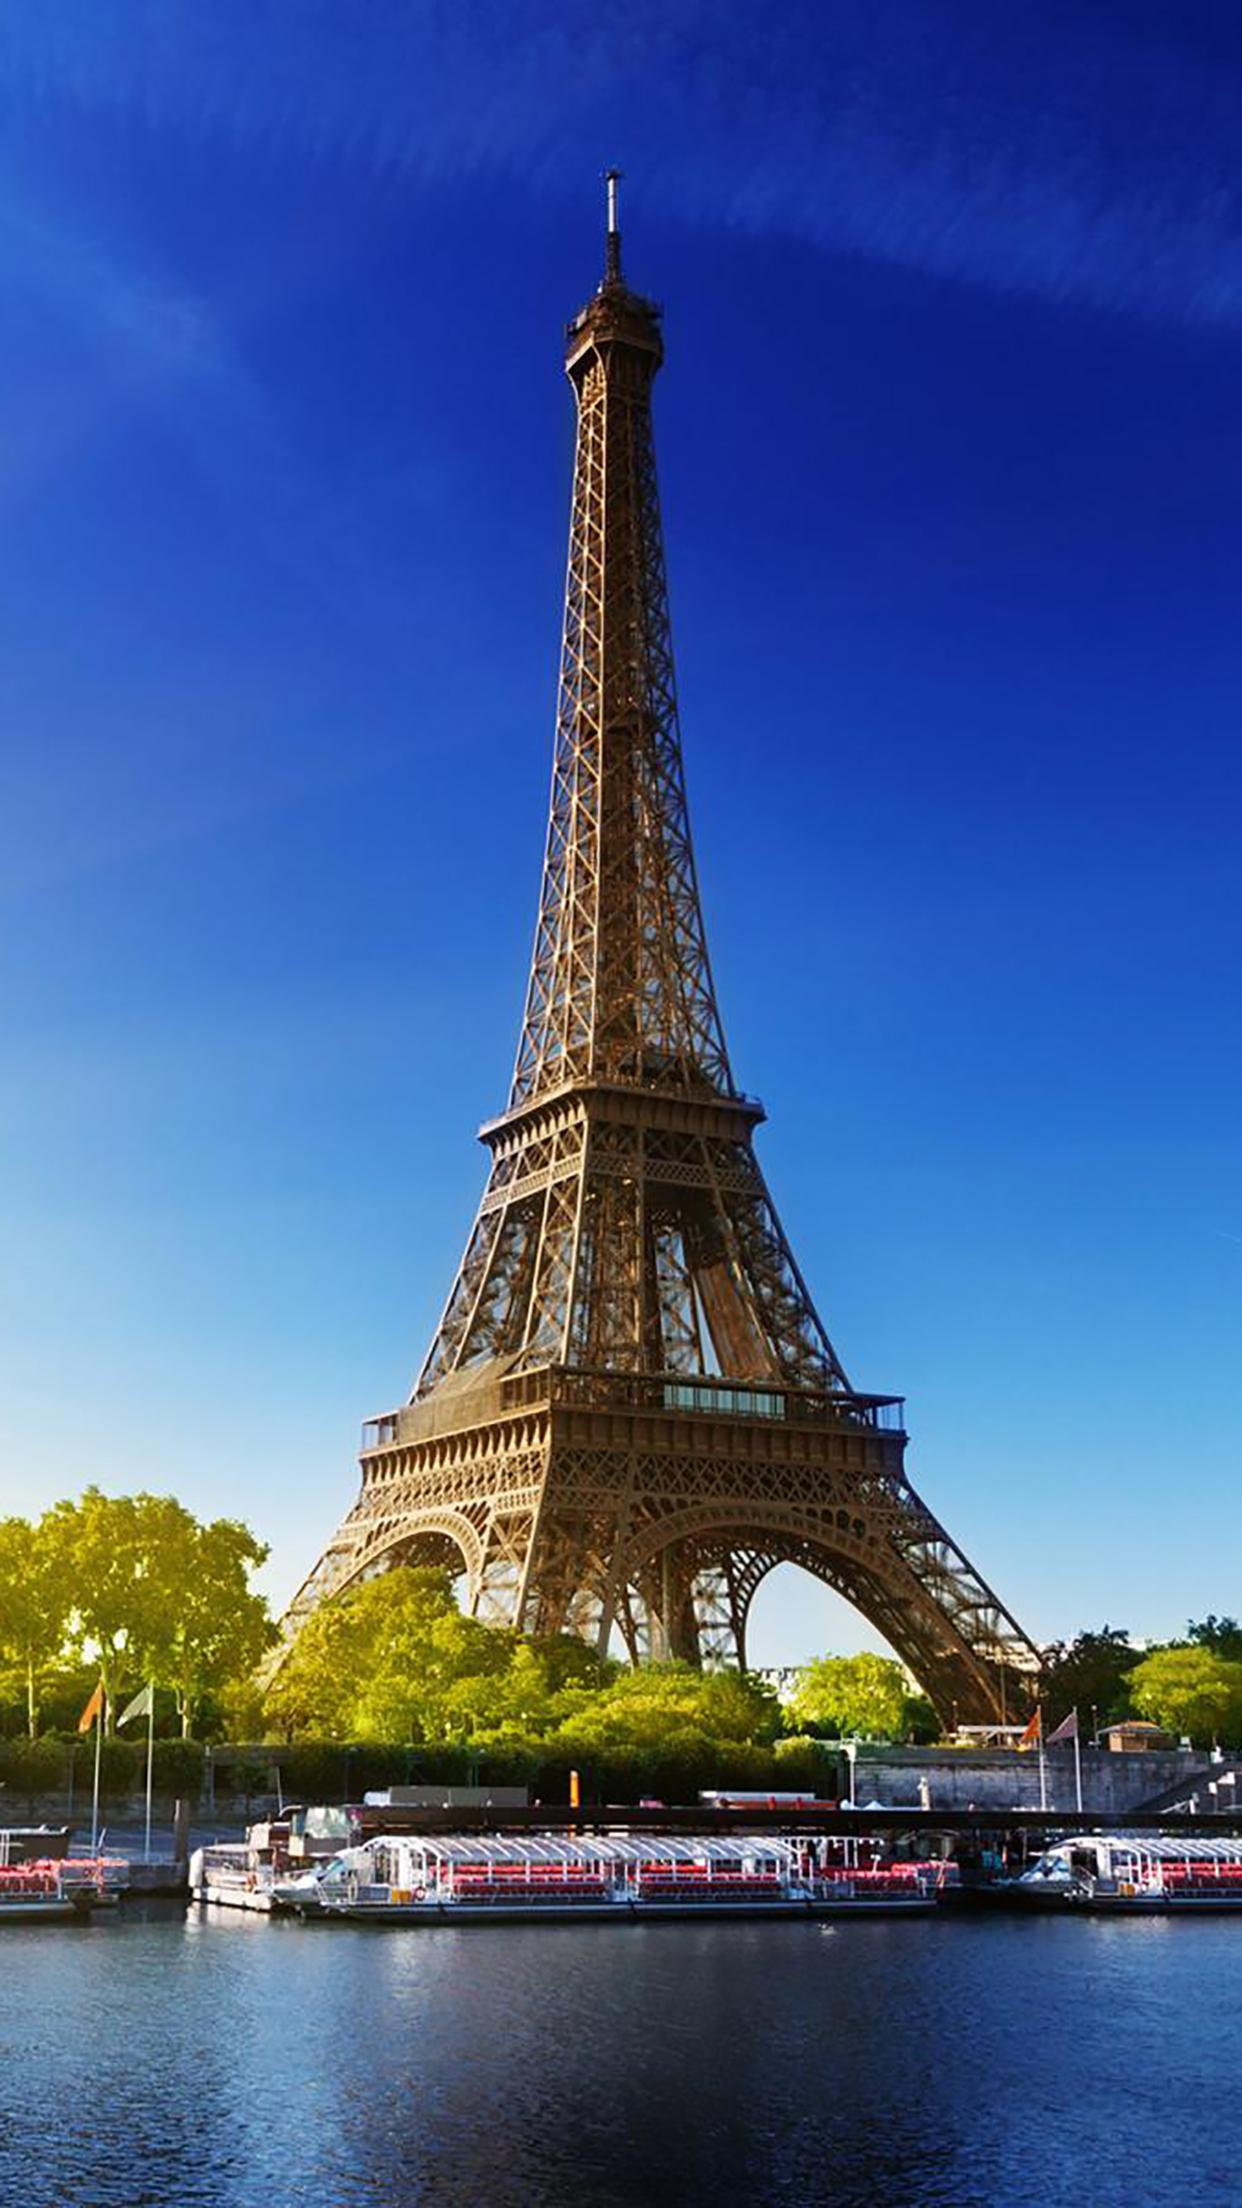 Eiffel Tower Seine 3Wallpapers iPhone Parallax Eiffel Tower Seine